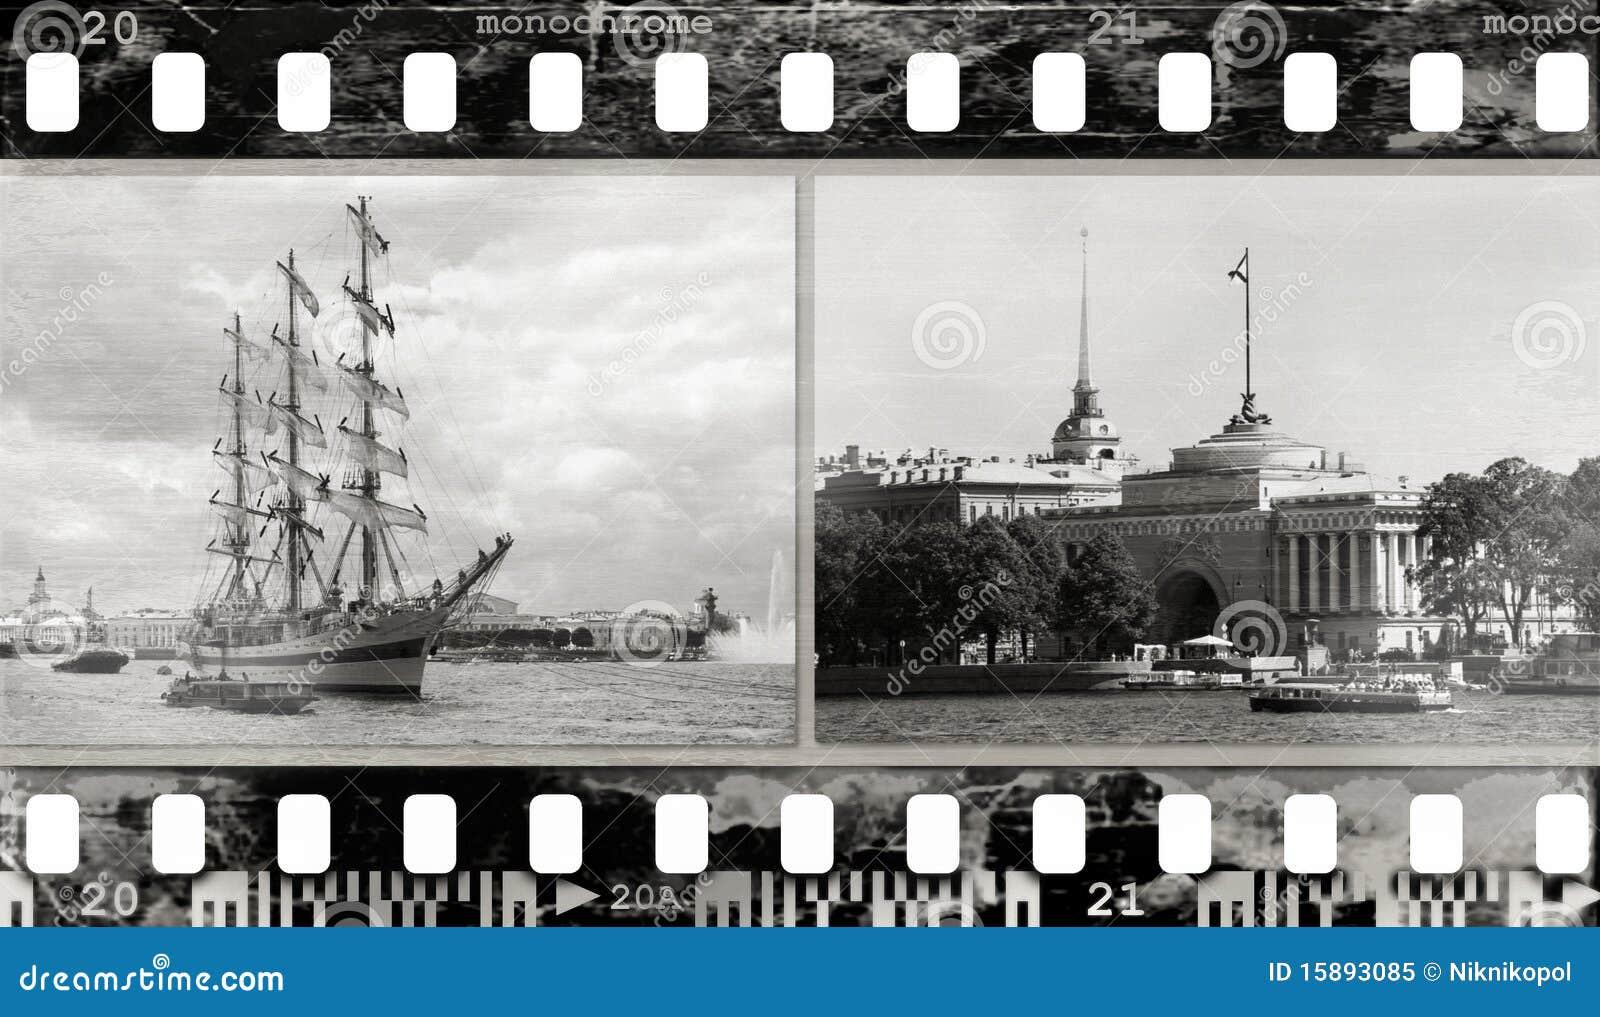 Het frame van de film (textuur, foto s, lawaai) achtergrond